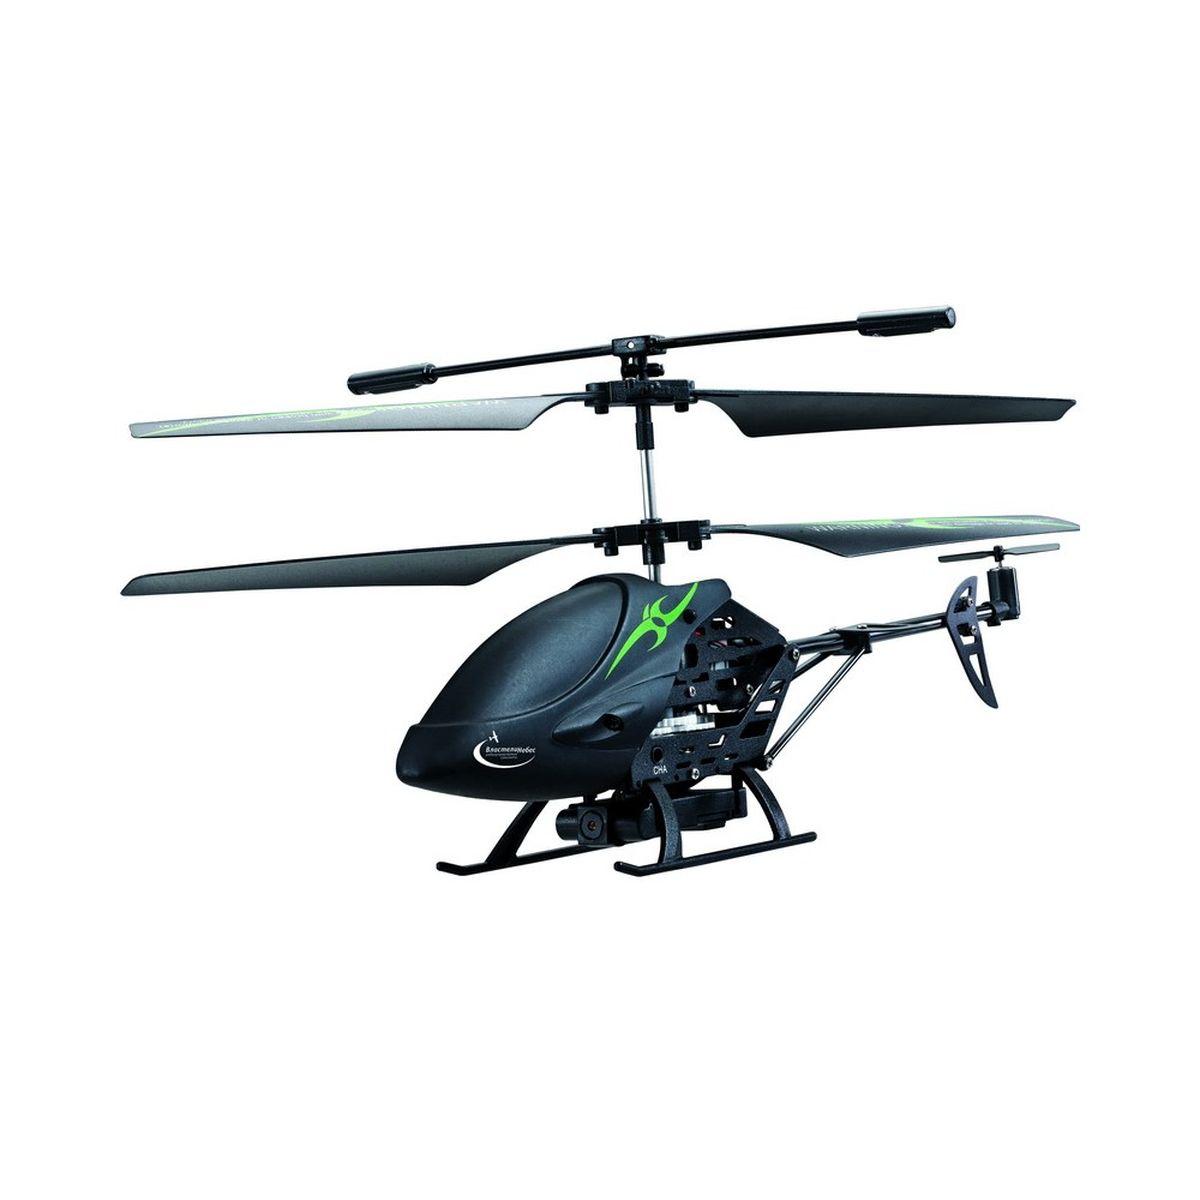 Властелин небес Вертолет на радиоуправлении Сыщик цвет черный